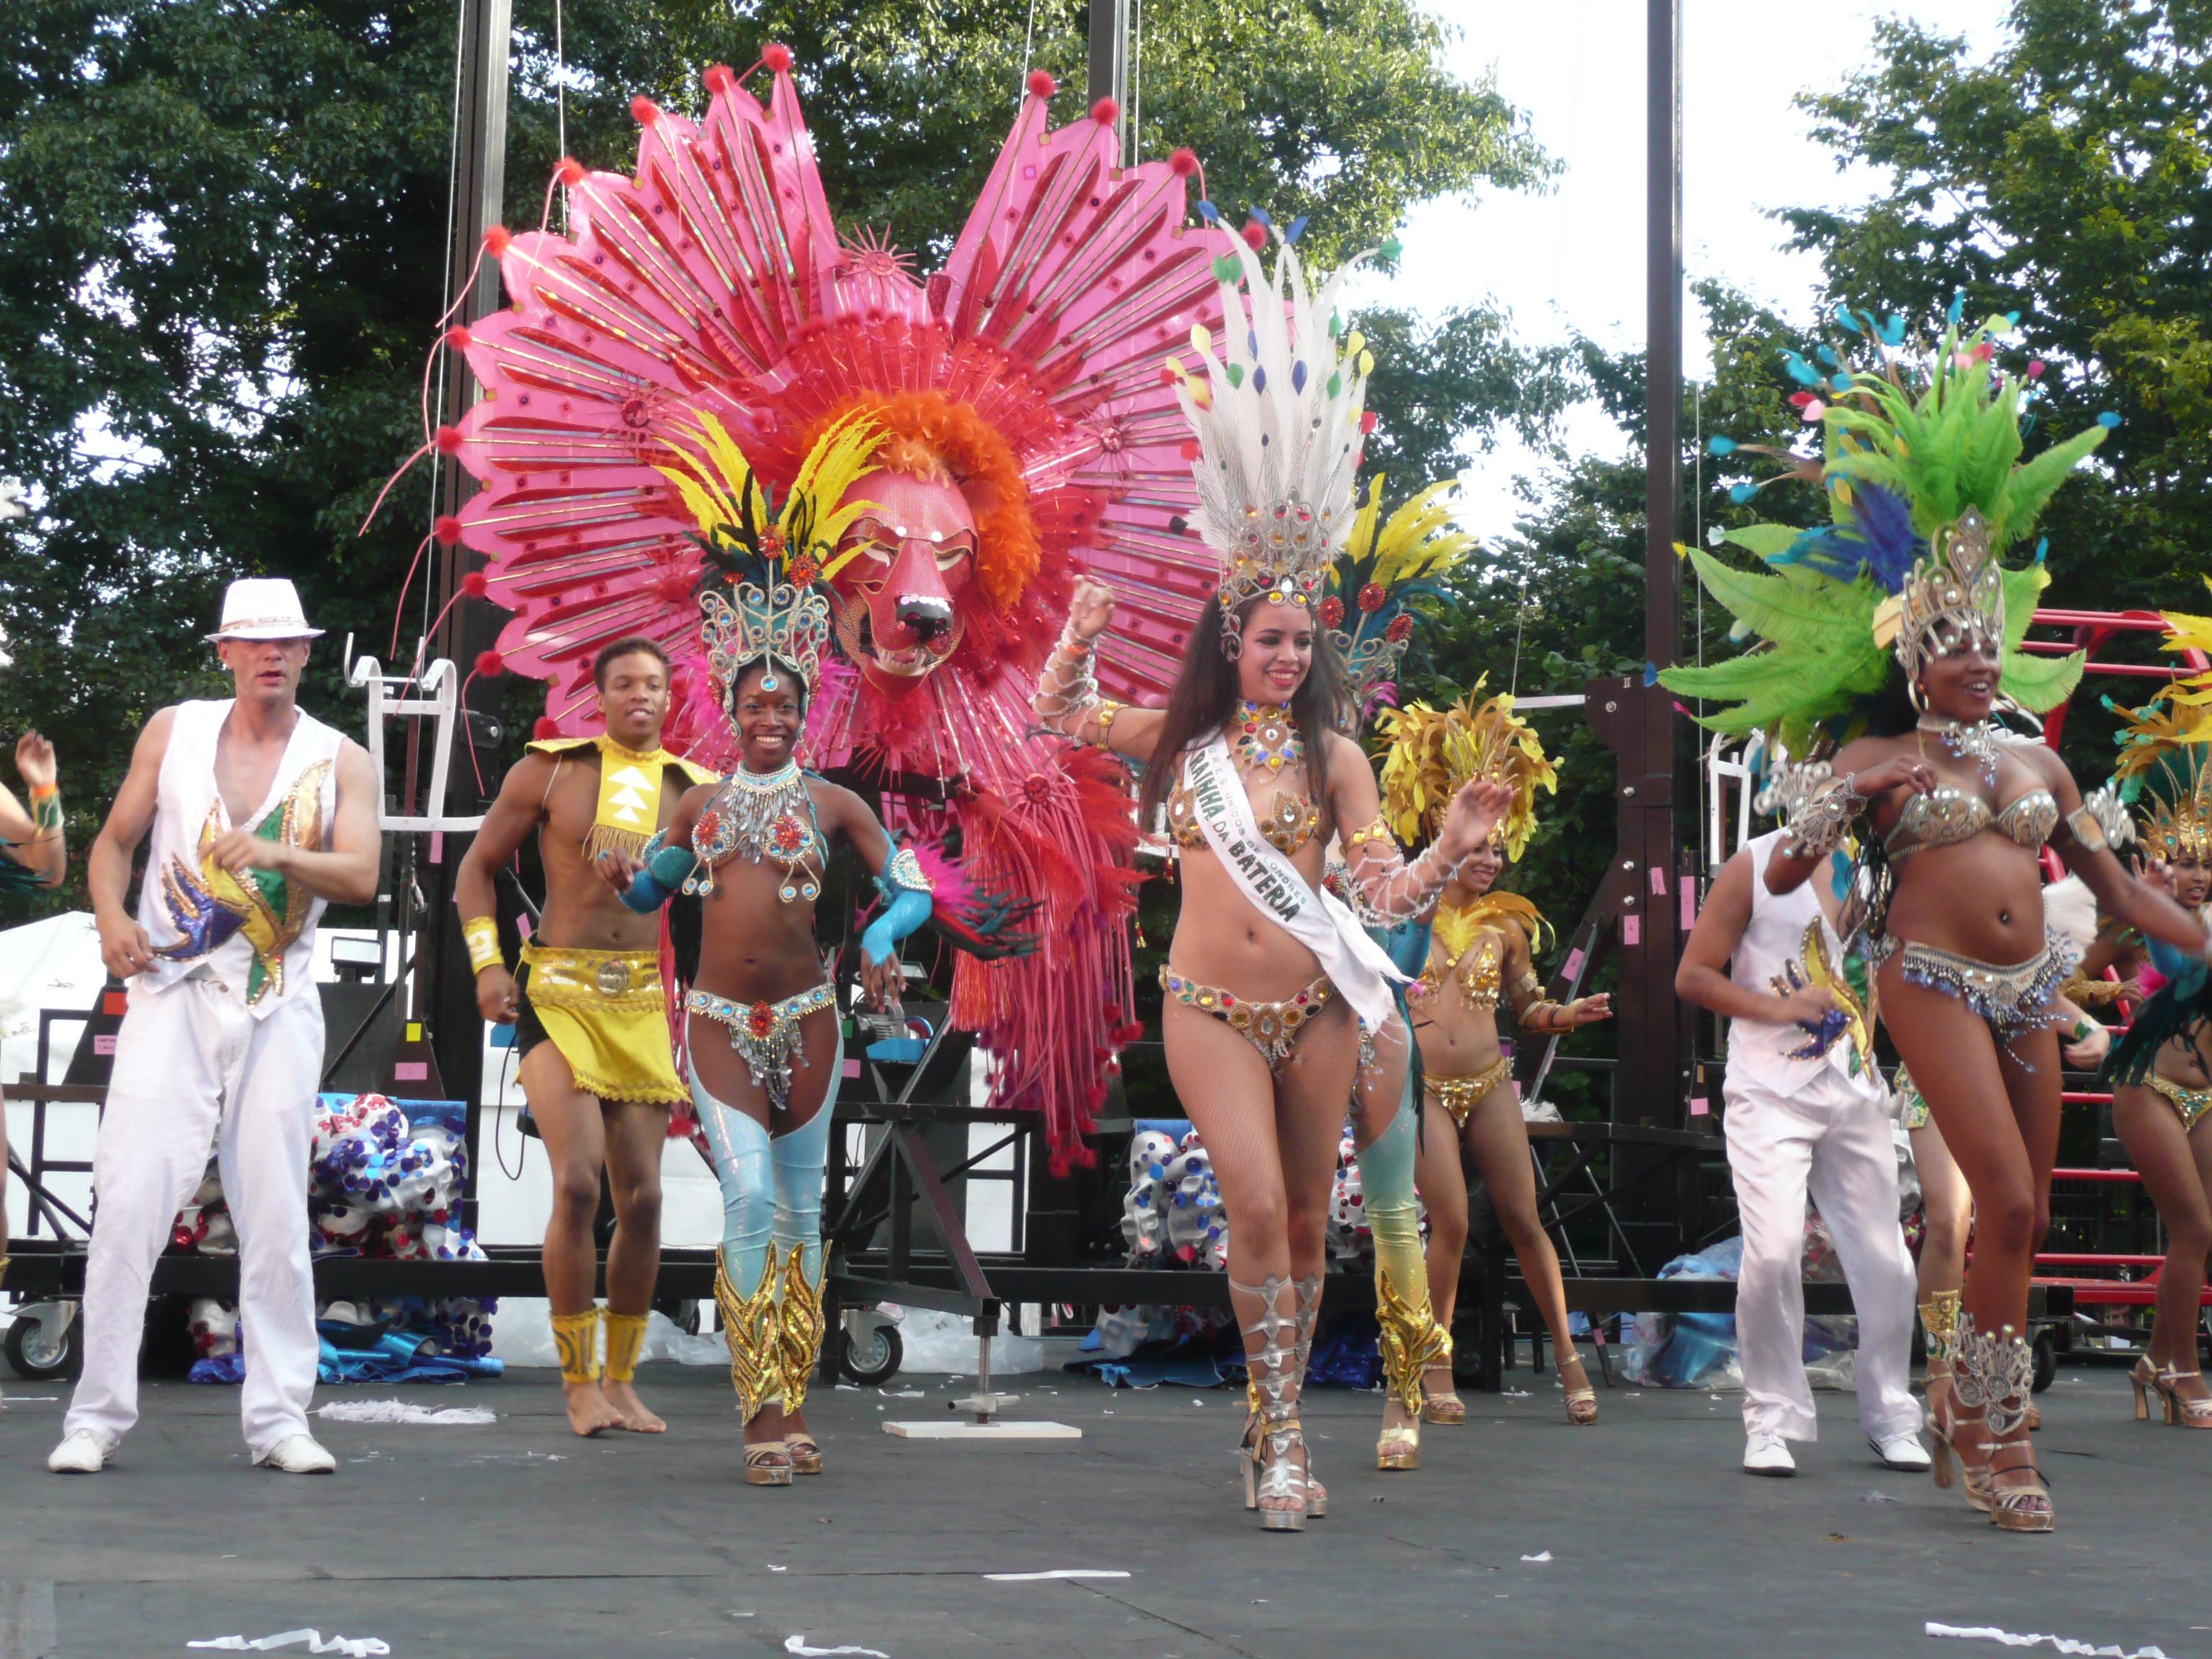 Danseurs et danseuses de samba au Thames Festival